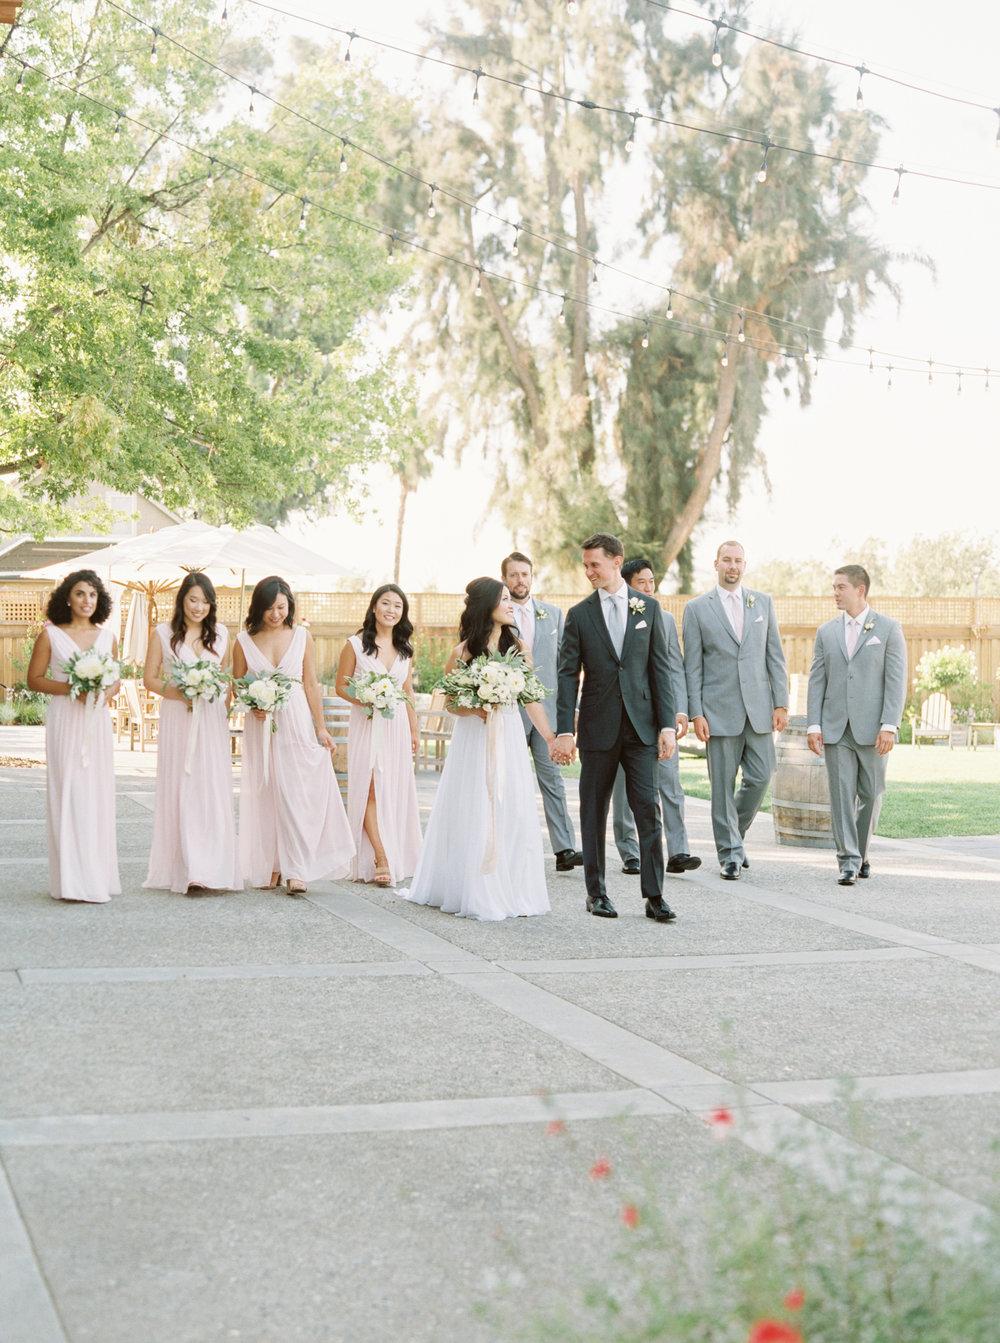 trynhphoto_sandiego_orangecounty_temecula_sf_weddingphotographer_KN-149.jpg